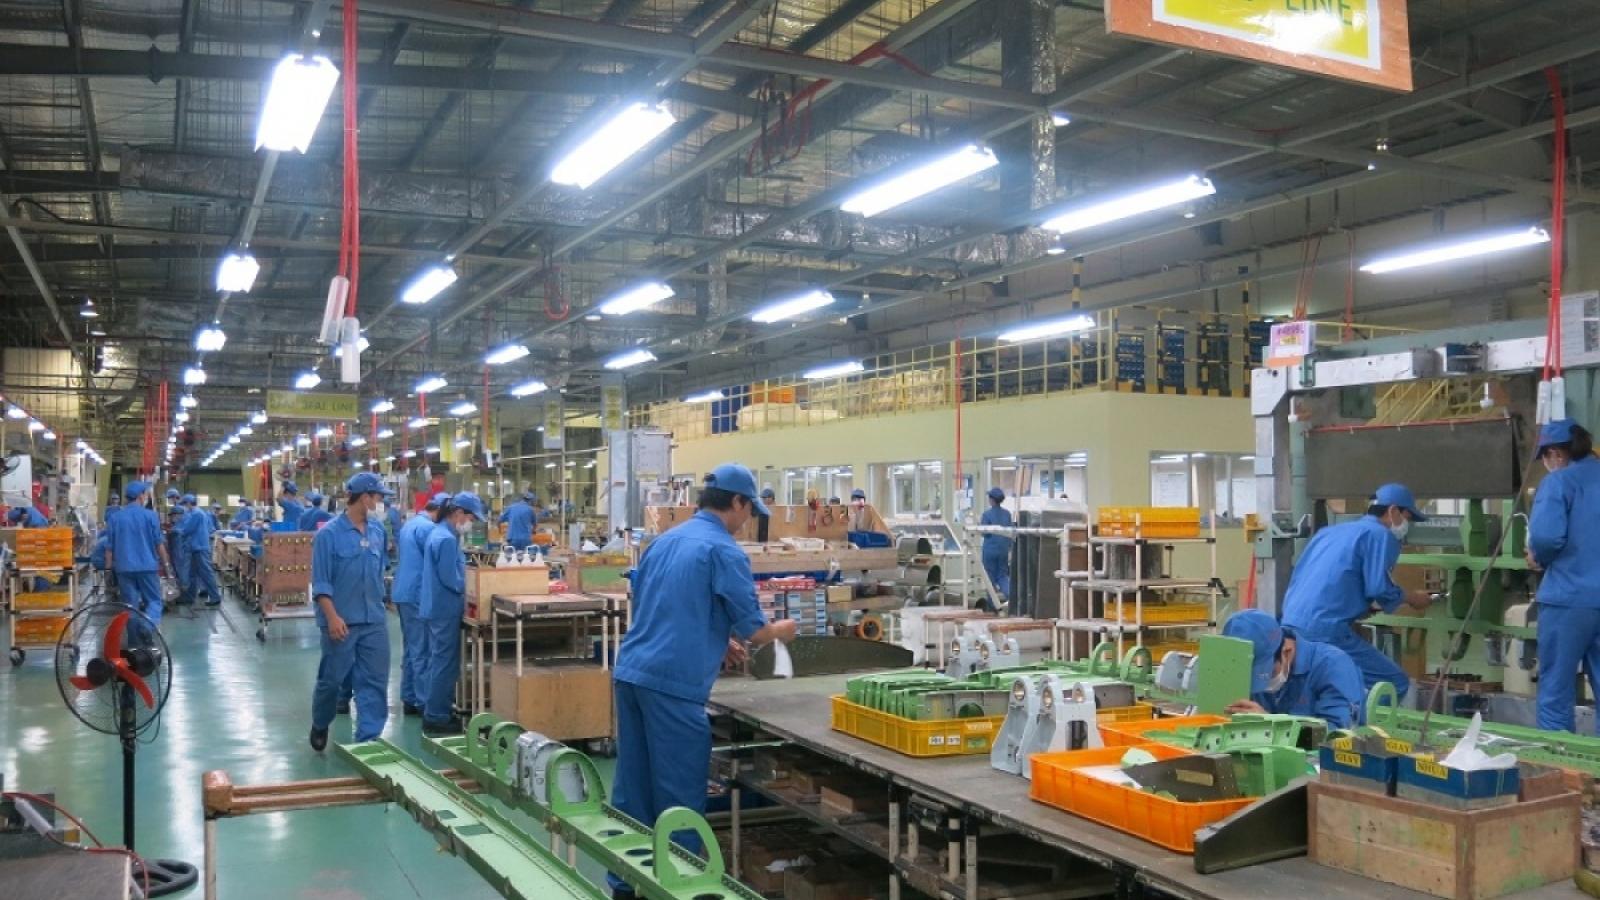 Doanh nghiệp lo lắng thiếu hụt nhân lựcđể duy trì sản xuất kinh doanh